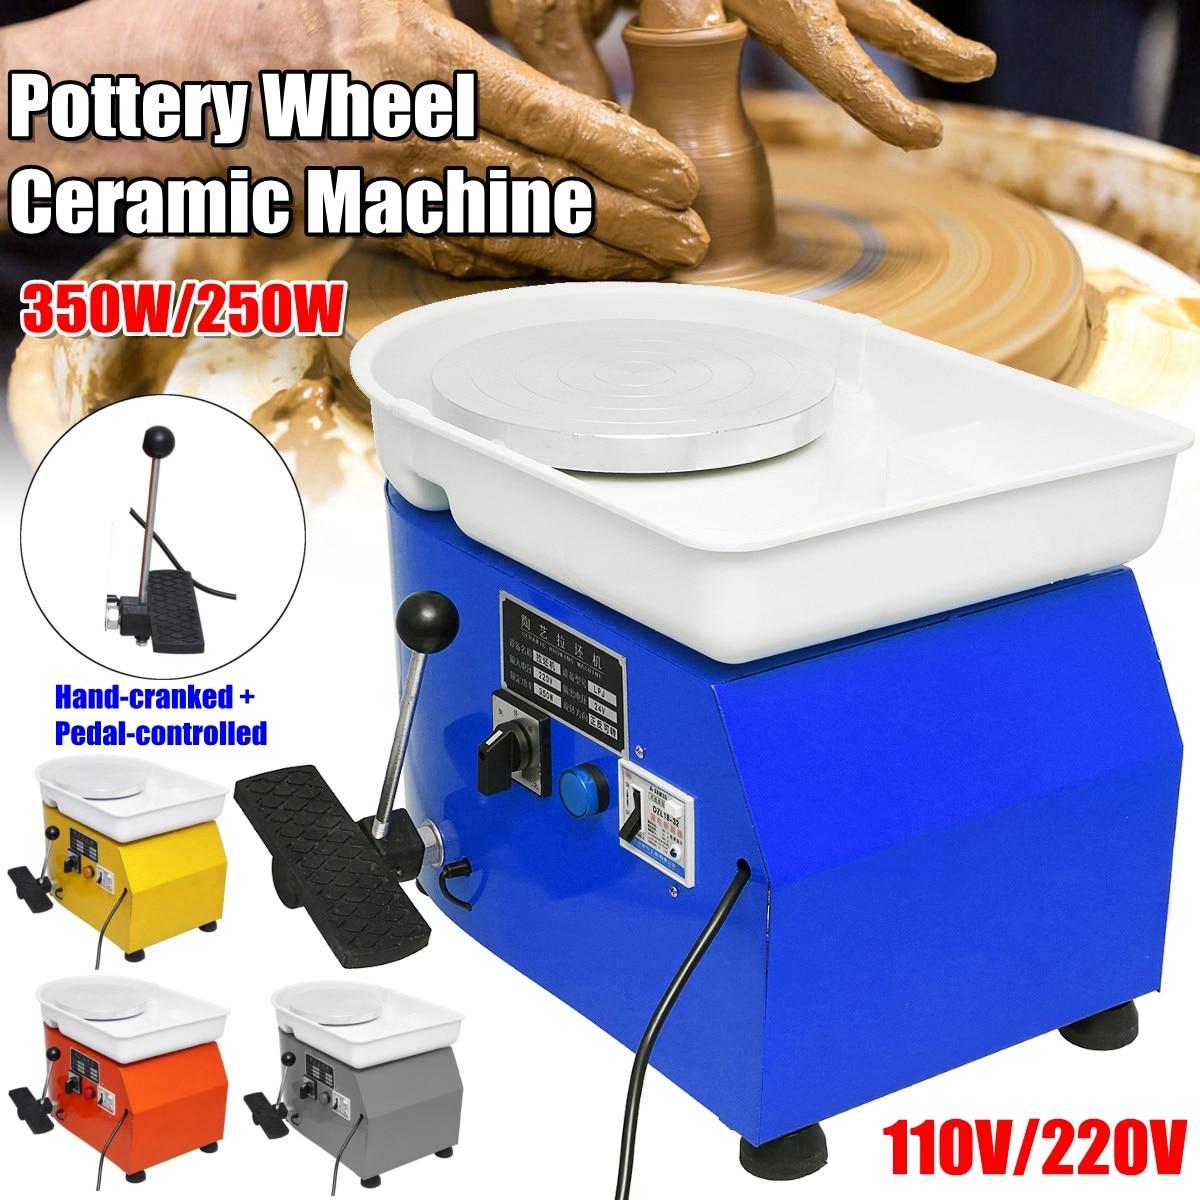 В 220 В в/250 В керамика формовочная машина 350 Вт/110 Вт Электрический керамика колеса DIY глина инструмент с лоток для керамика работы s